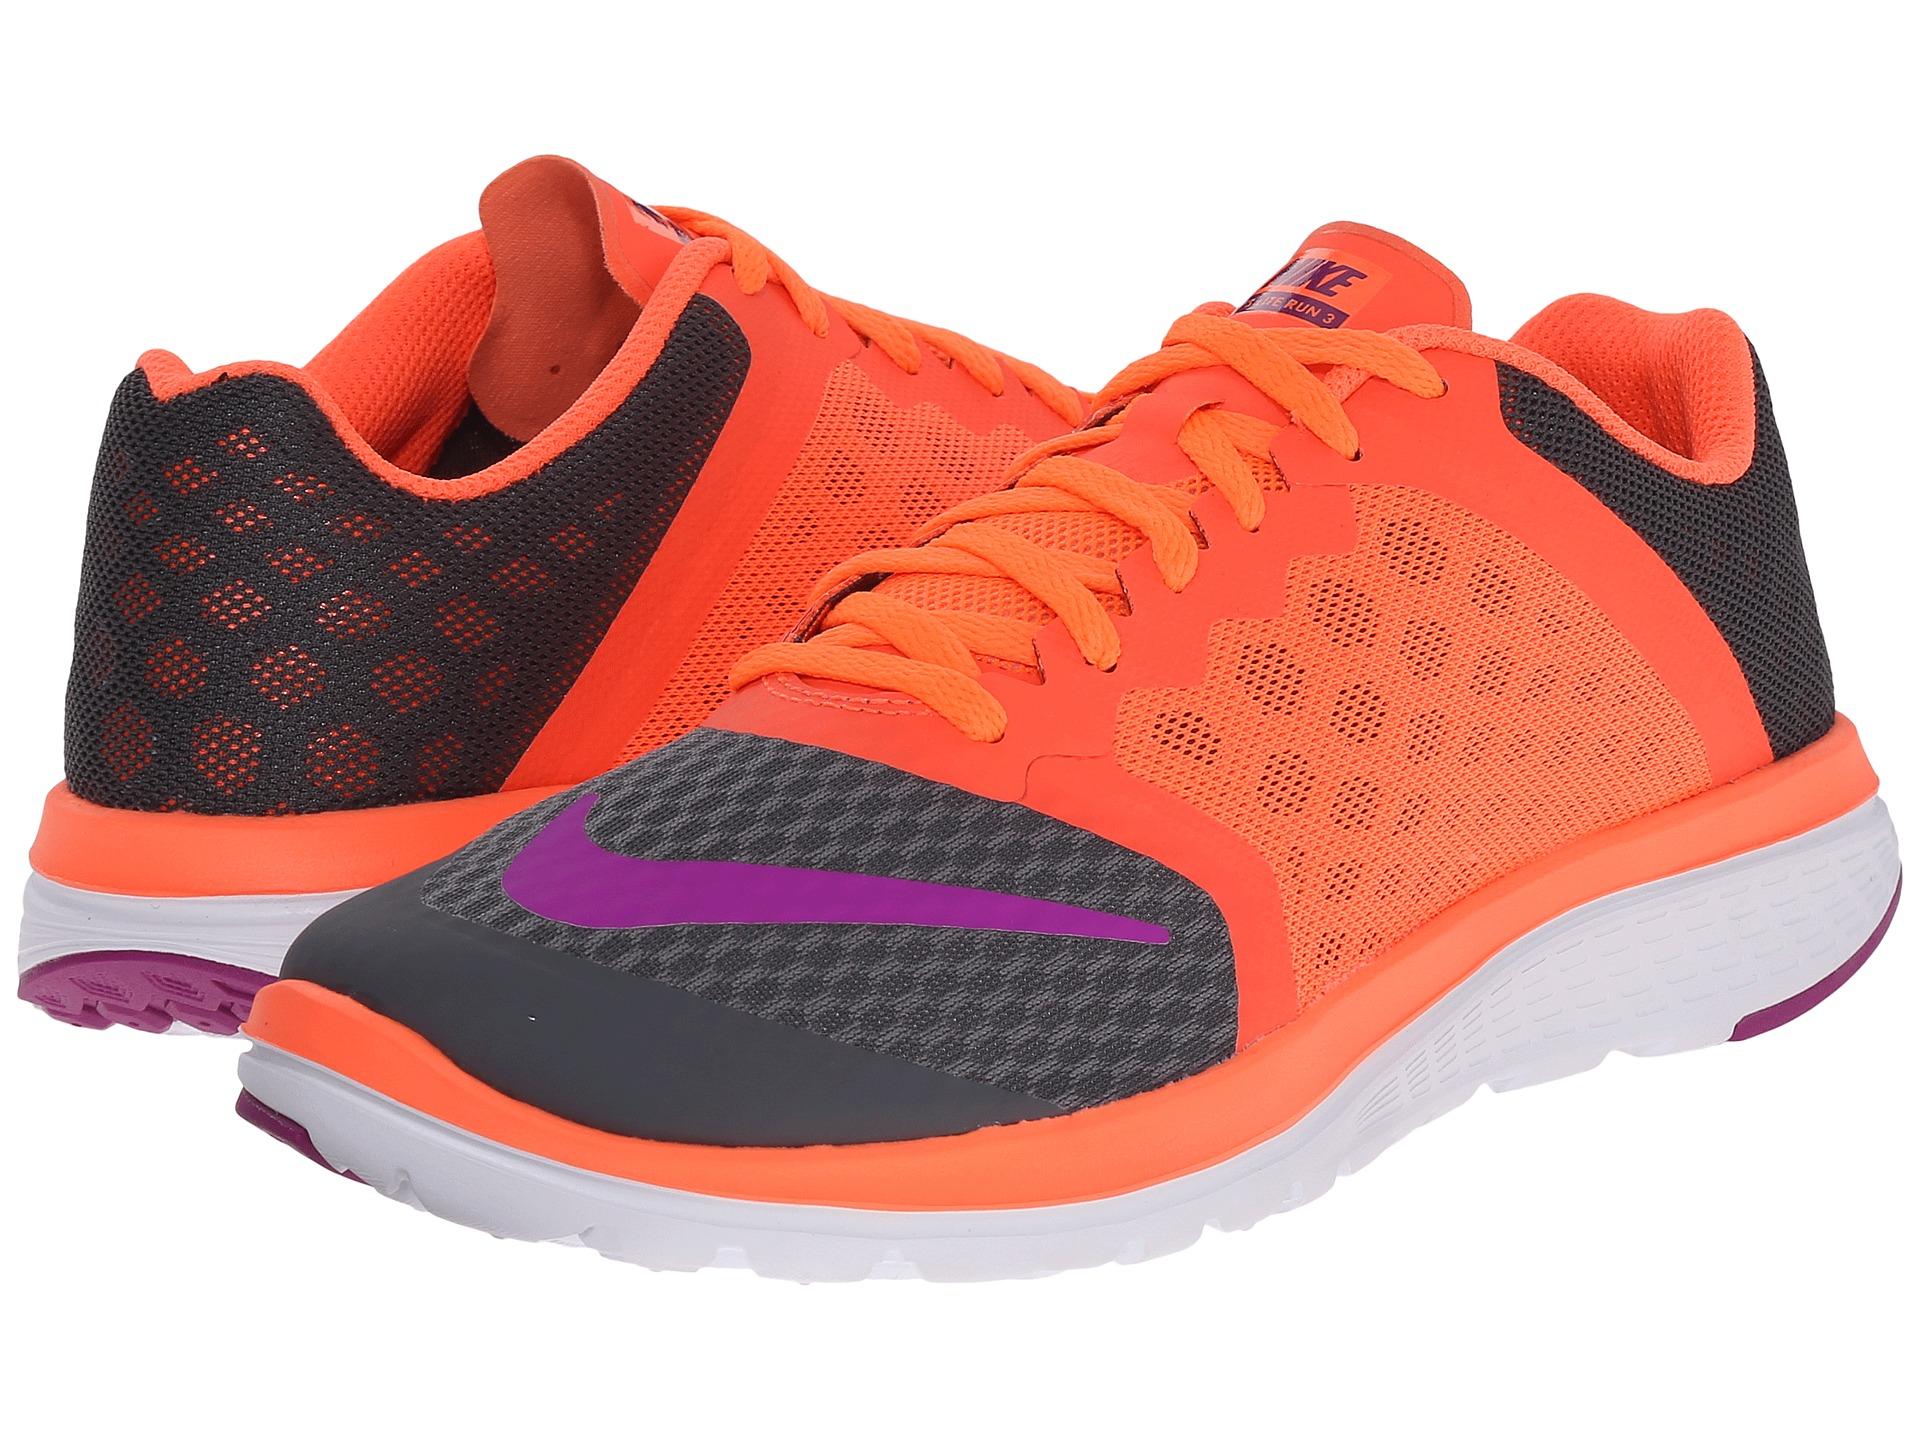 44ec1502e5cf Lyst - Nike Fs Lite Run 3 in Gray for Men